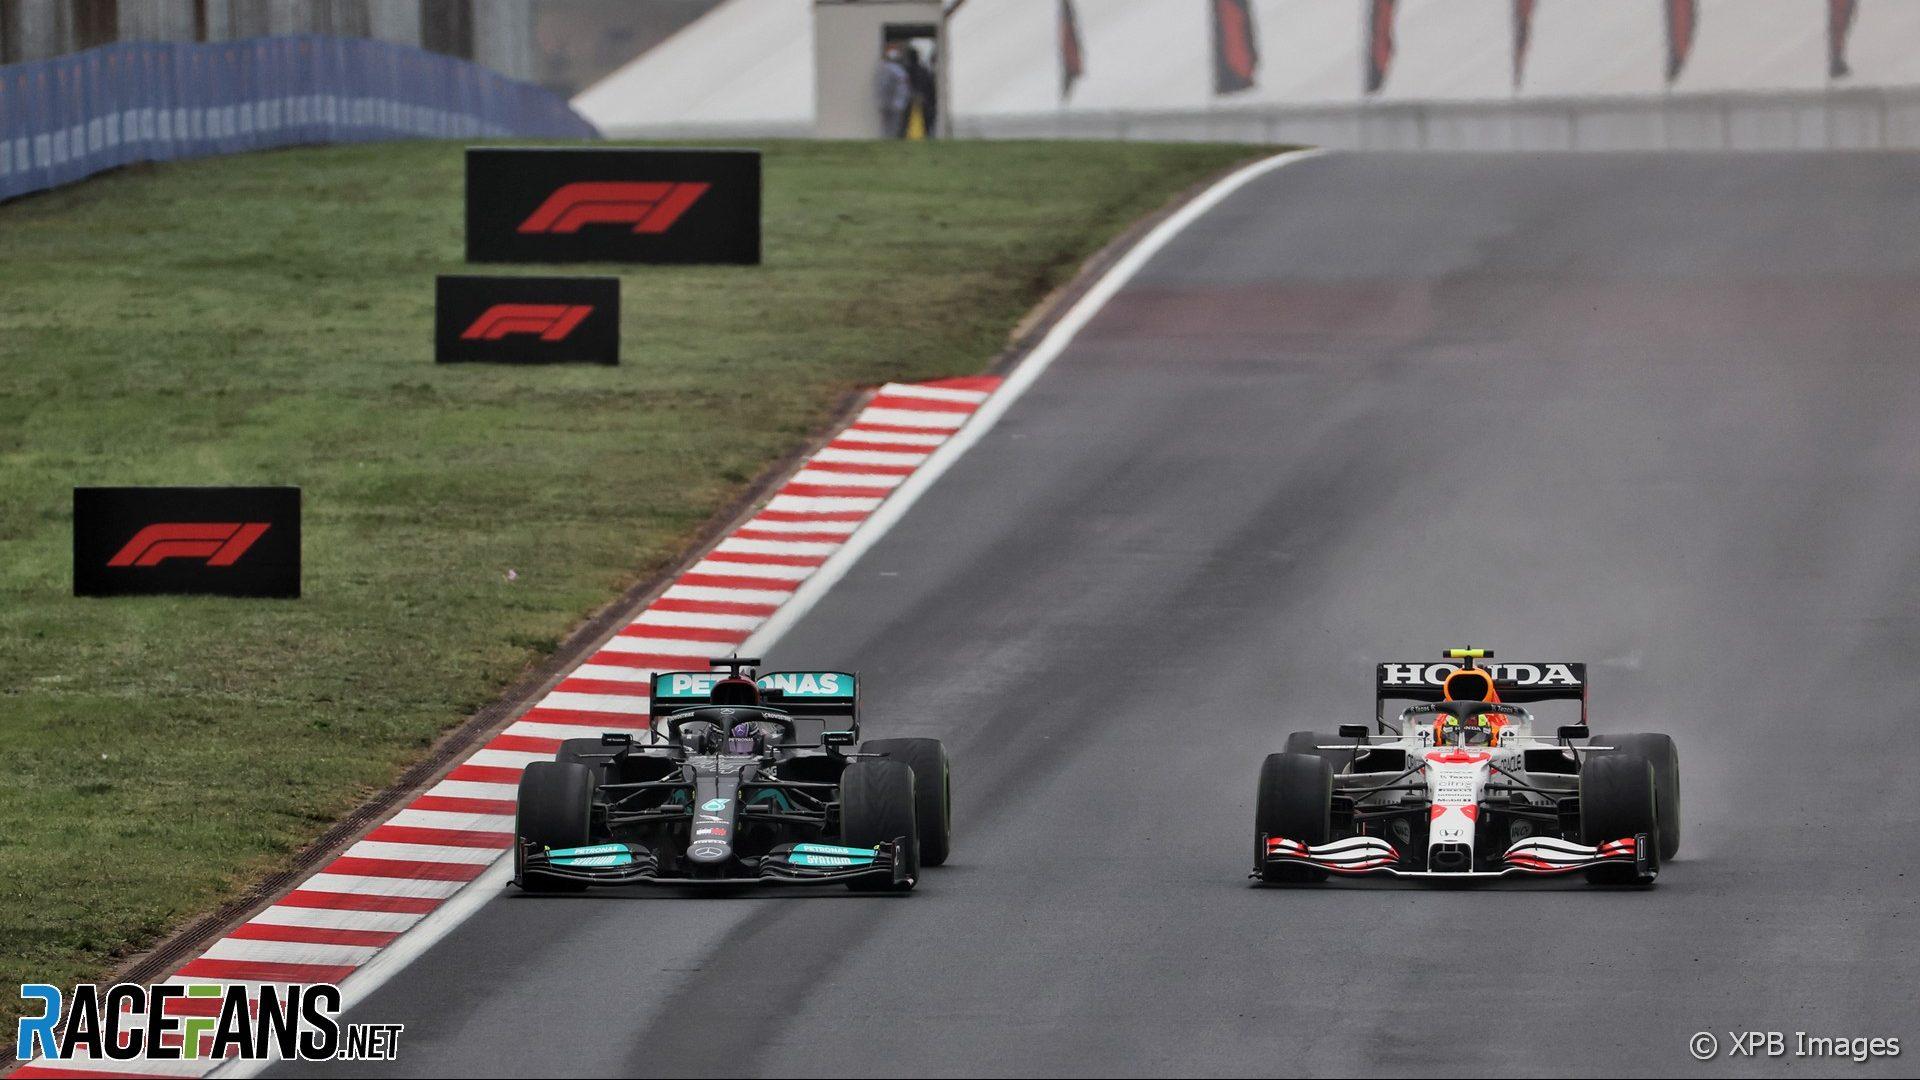 www.racefans.net